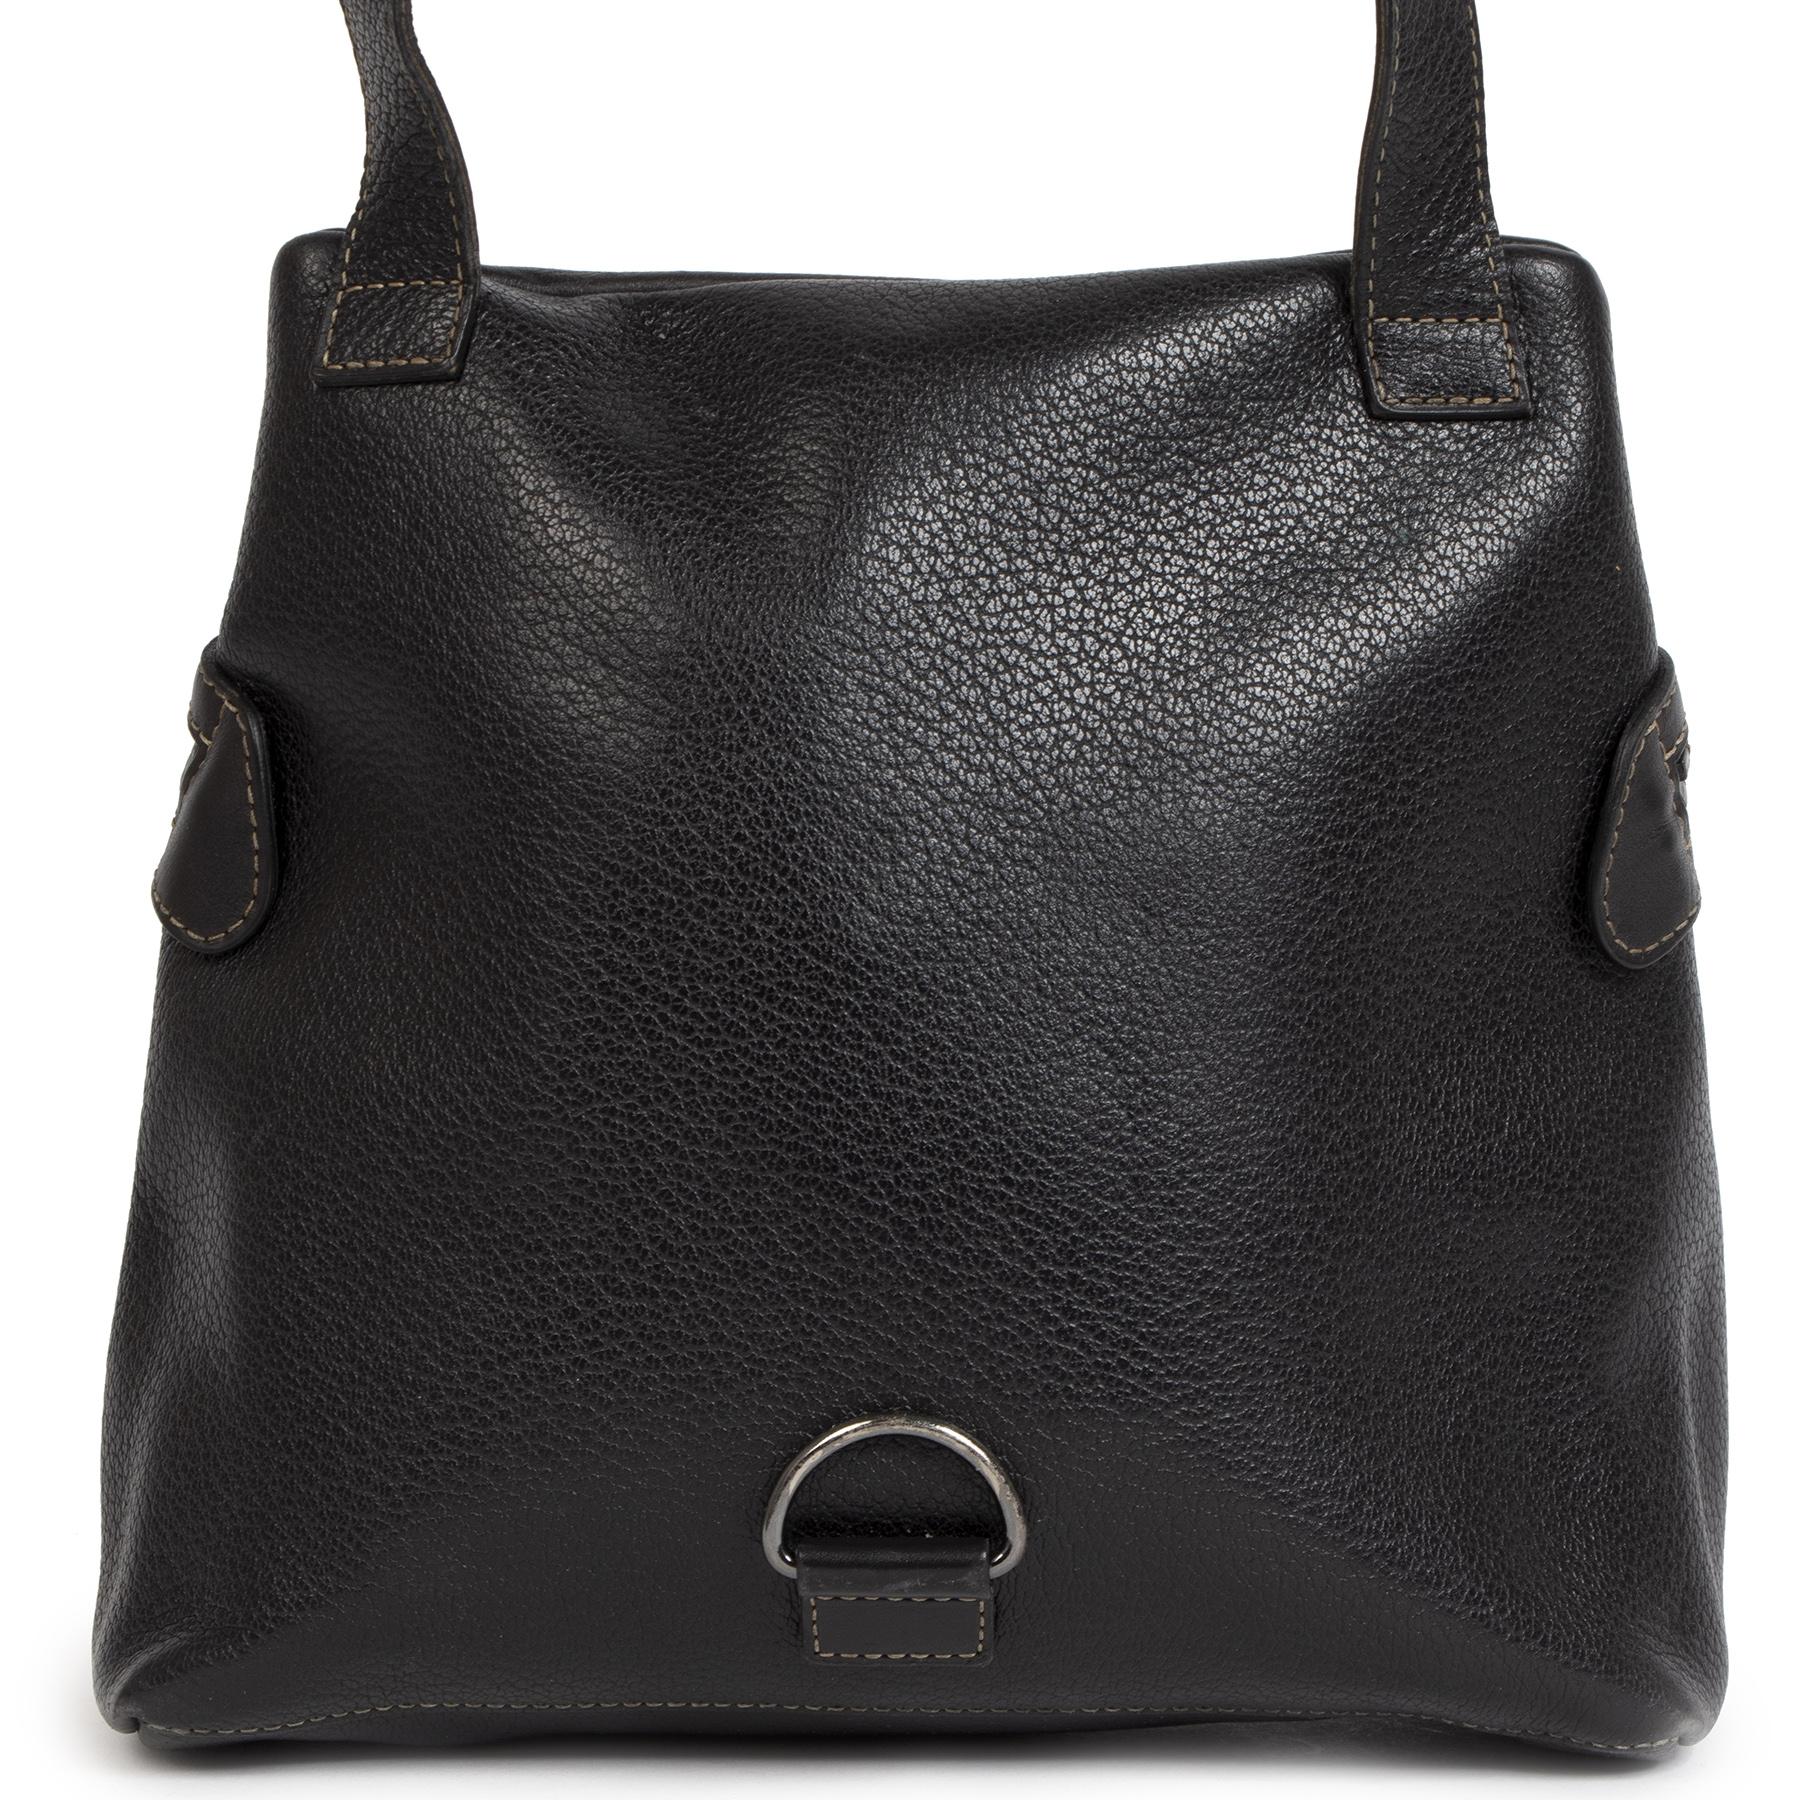 Authentieke Tweedehands Deux de Delvaux Black 2-in-1 Bag juiste prijs veilig online shoppen luxe merken webshop winkelen Antwerpen België mode fashion